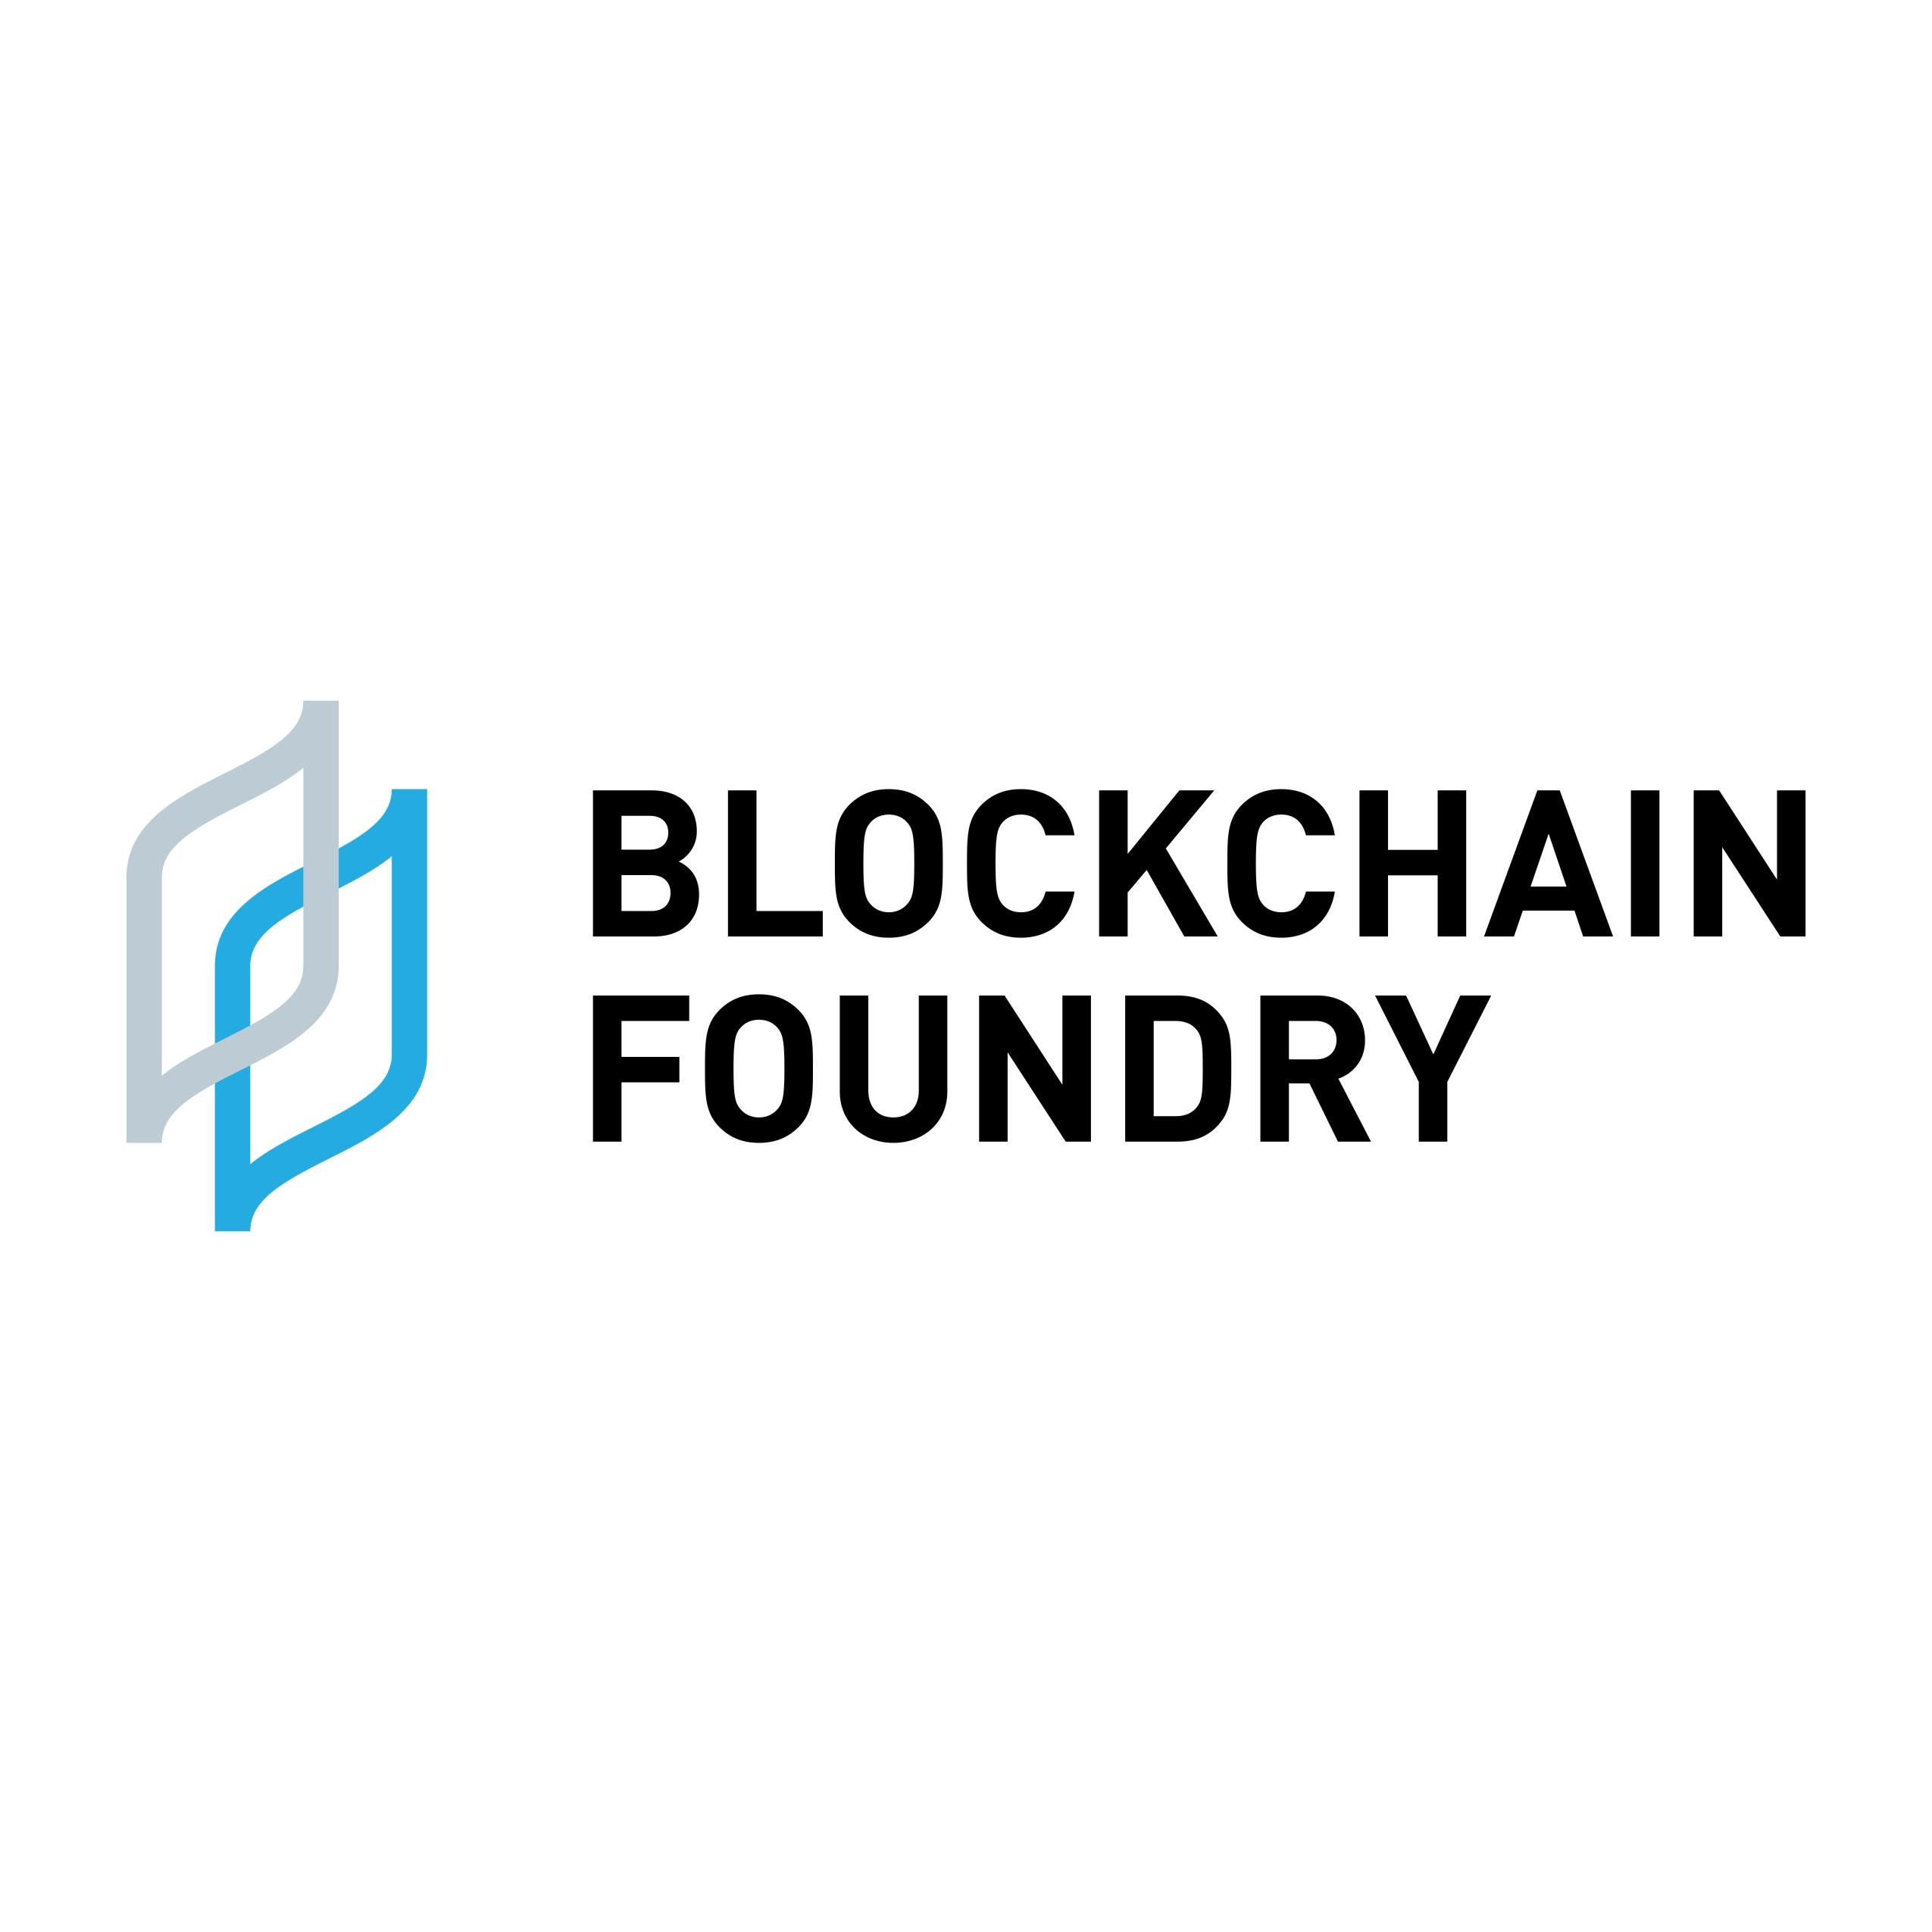 Blockchain Foundry Draws Down on Equity Facility with Alumina Partners